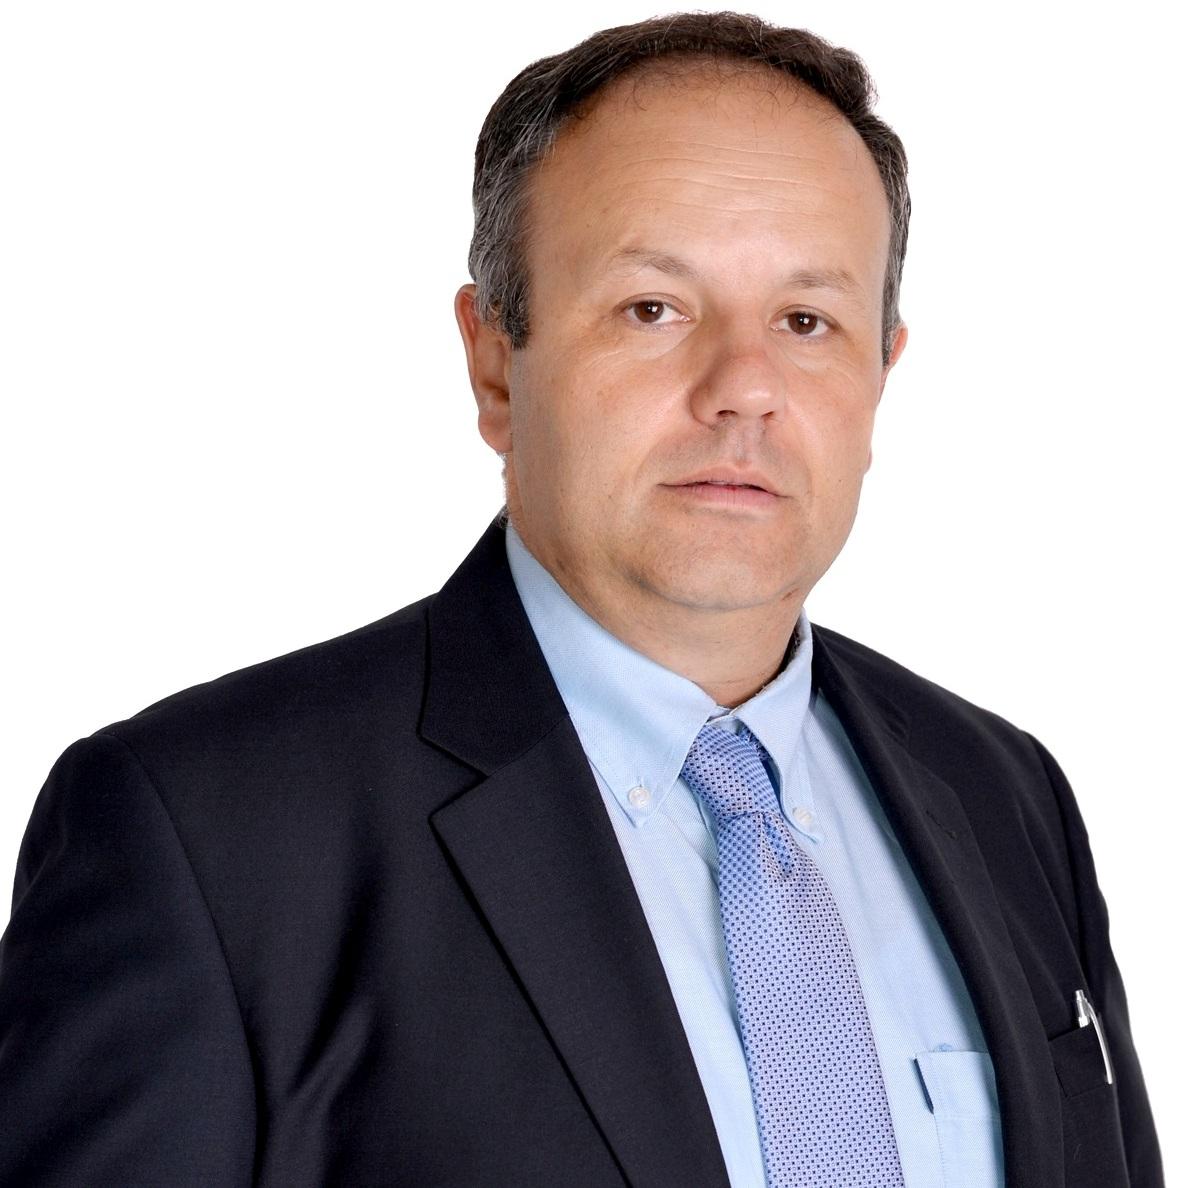 Λάμπρος Χατζηζήσης: Συγχαρητήρια επιστολή στον ΓρεβενιώτηΟλυμπιονίκη Μίλτο Τεντόγλου